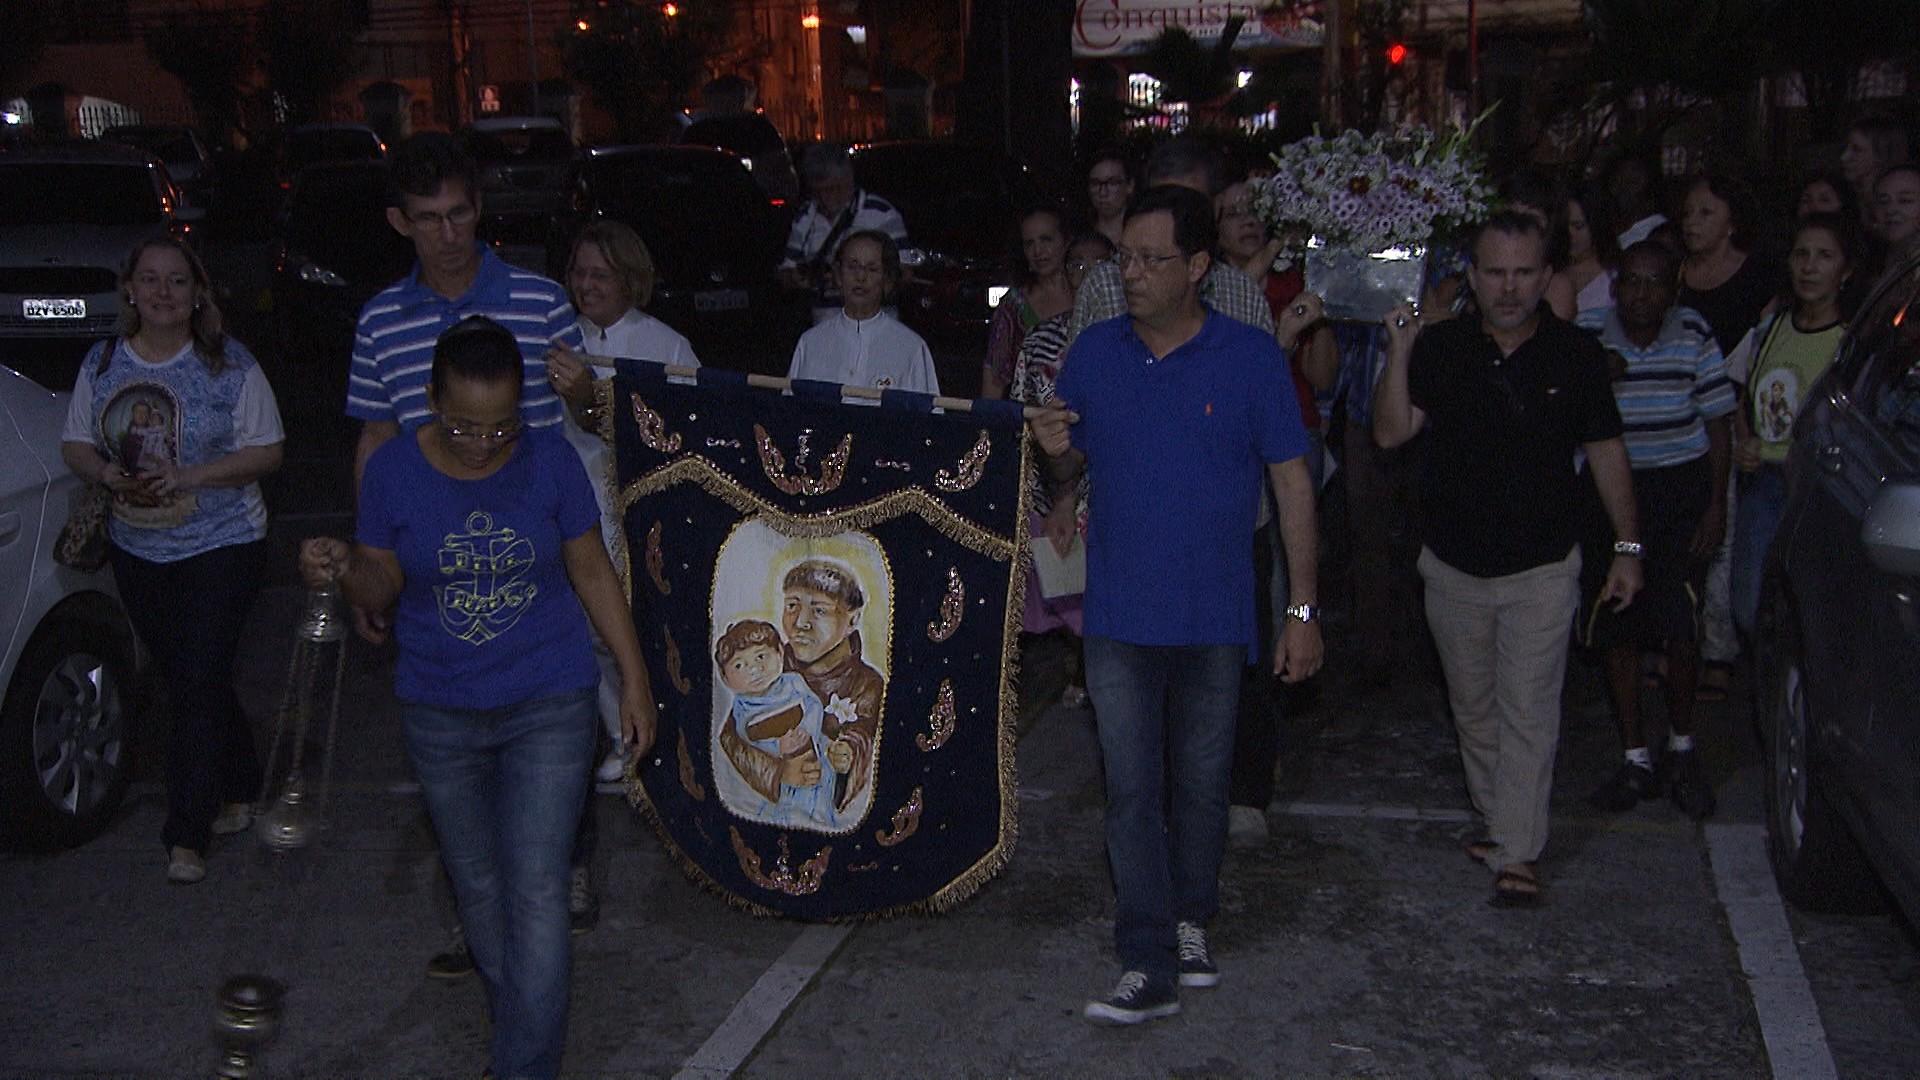 Após reza, os devotos seguem em procissão pelas ruas do Garcia (Foto: Divulgação)